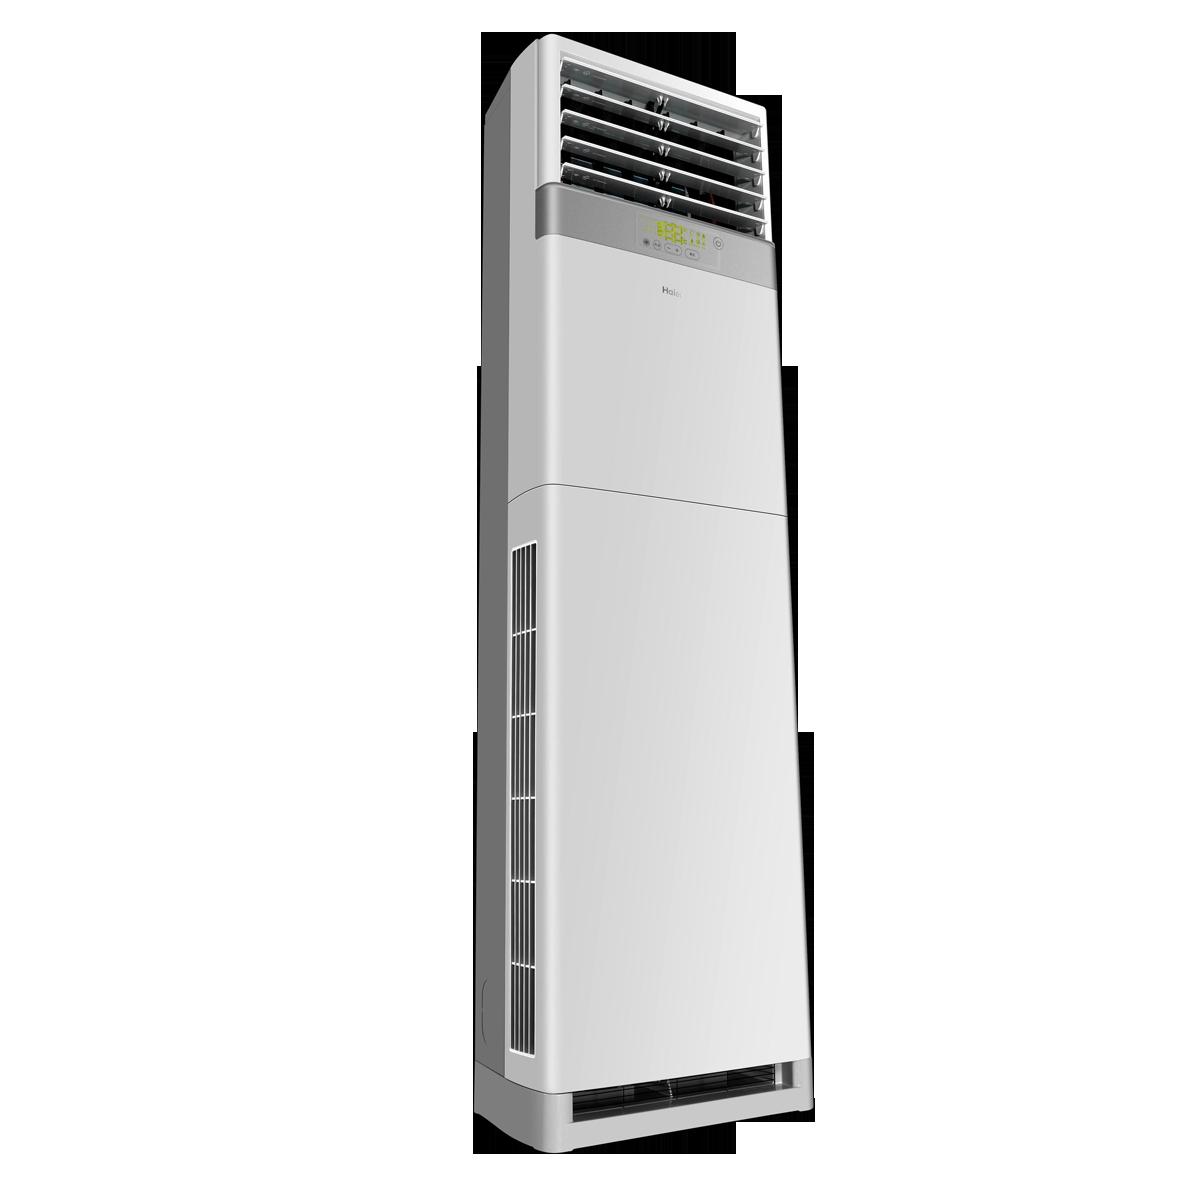 海尔柜机空调说明书_【Haier/海尔KFR-72LW/01NAF12套机】Haier/海尔高效定频柜式空调 KFR-72LW ...